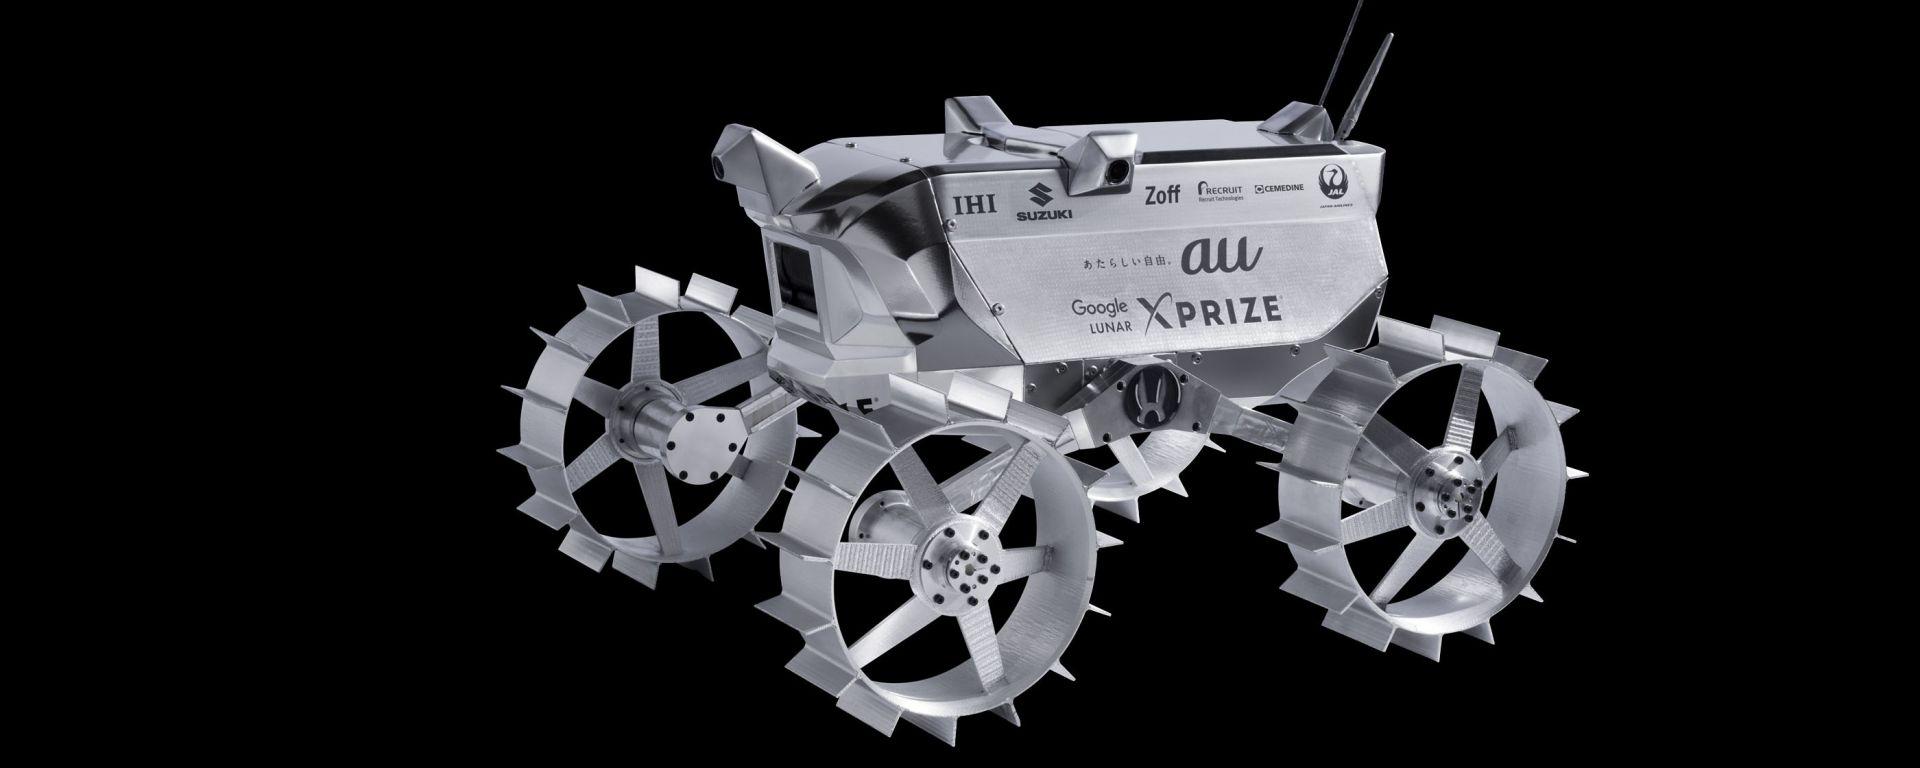 Suzuki svilupperà il sistema di trazione integrale per un rover lunare che parteciperà al Google Lunar Xprize